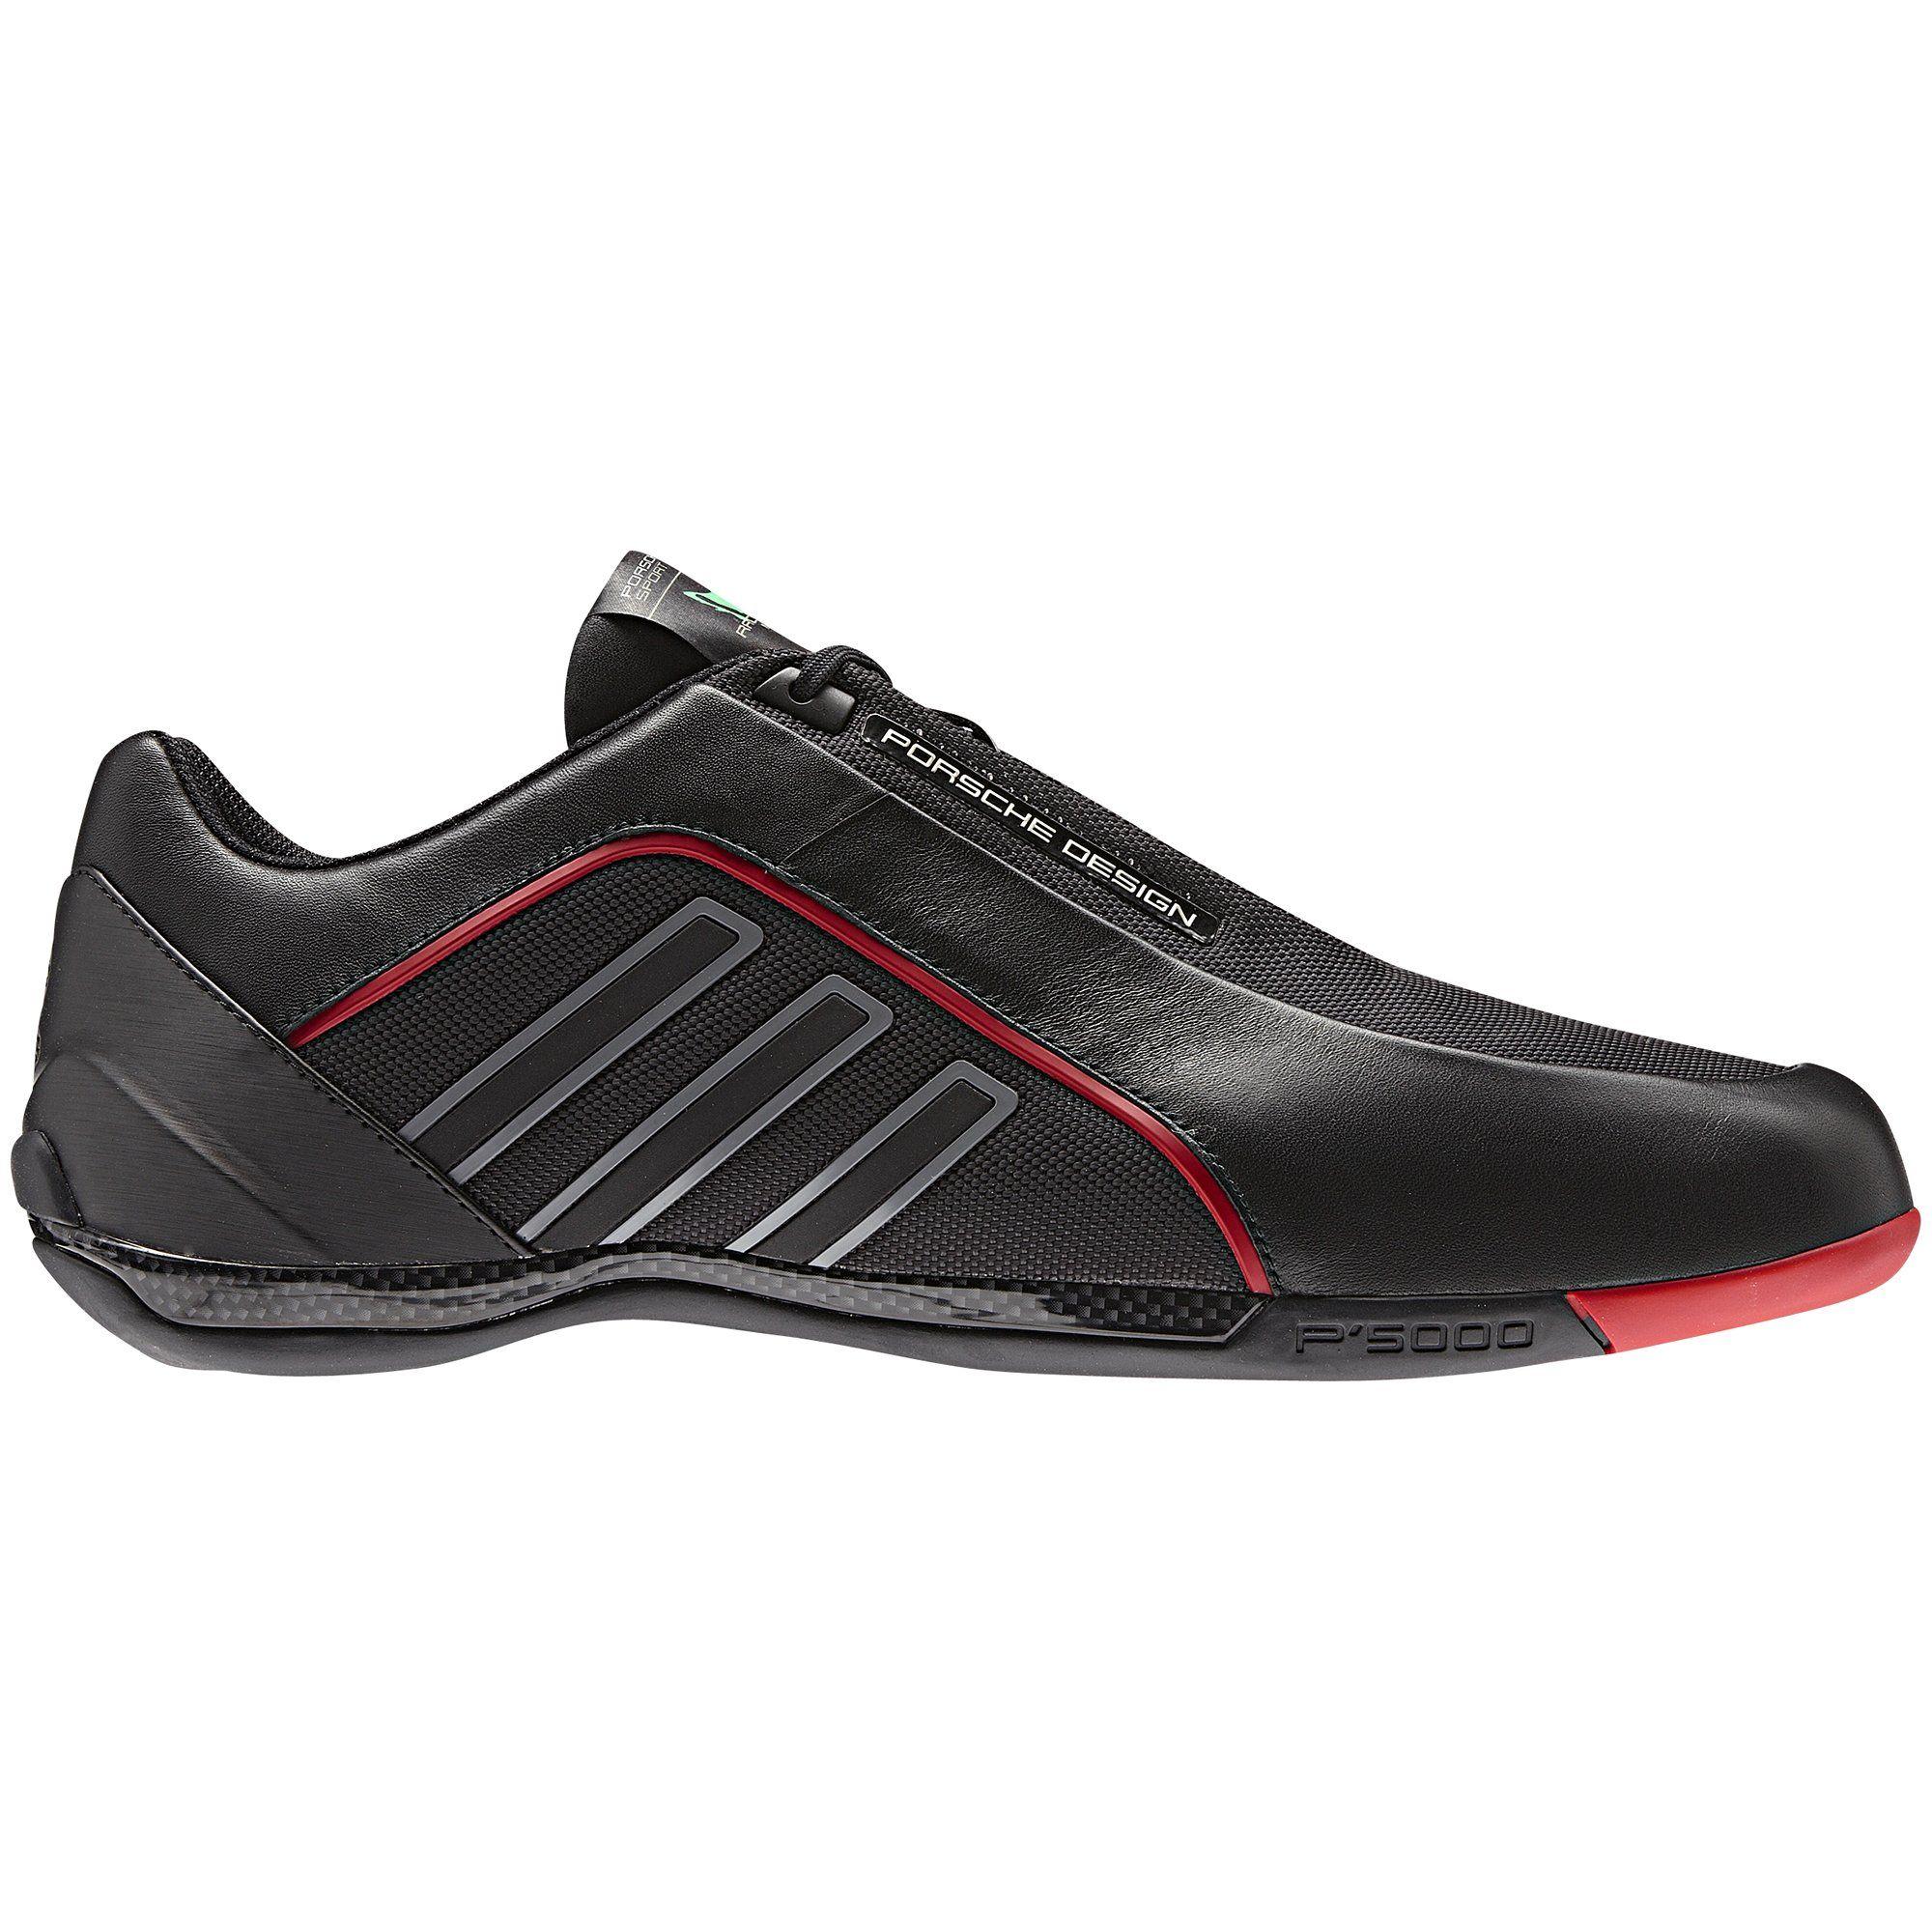 71e48bfeb4993 adidas Zapatillas Porsche Design Athletic II Mesh